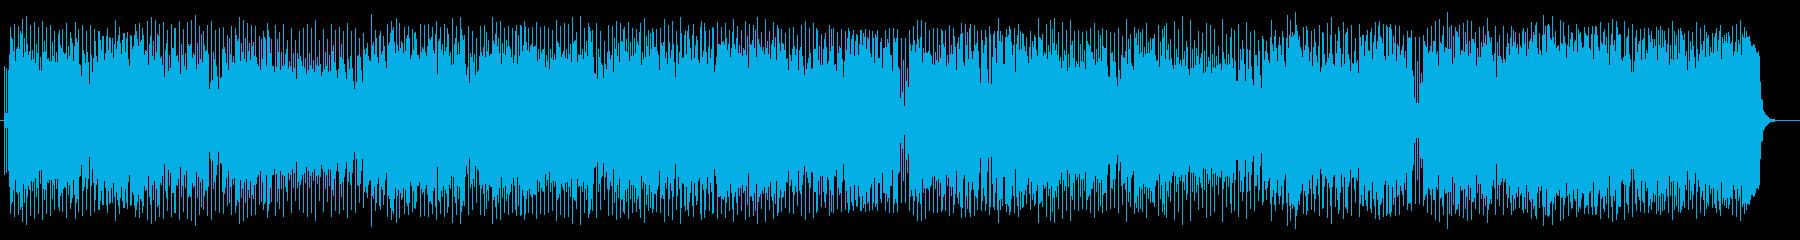 宇宙感と壮大なシンセサイザーサウンドの再生済みの波形